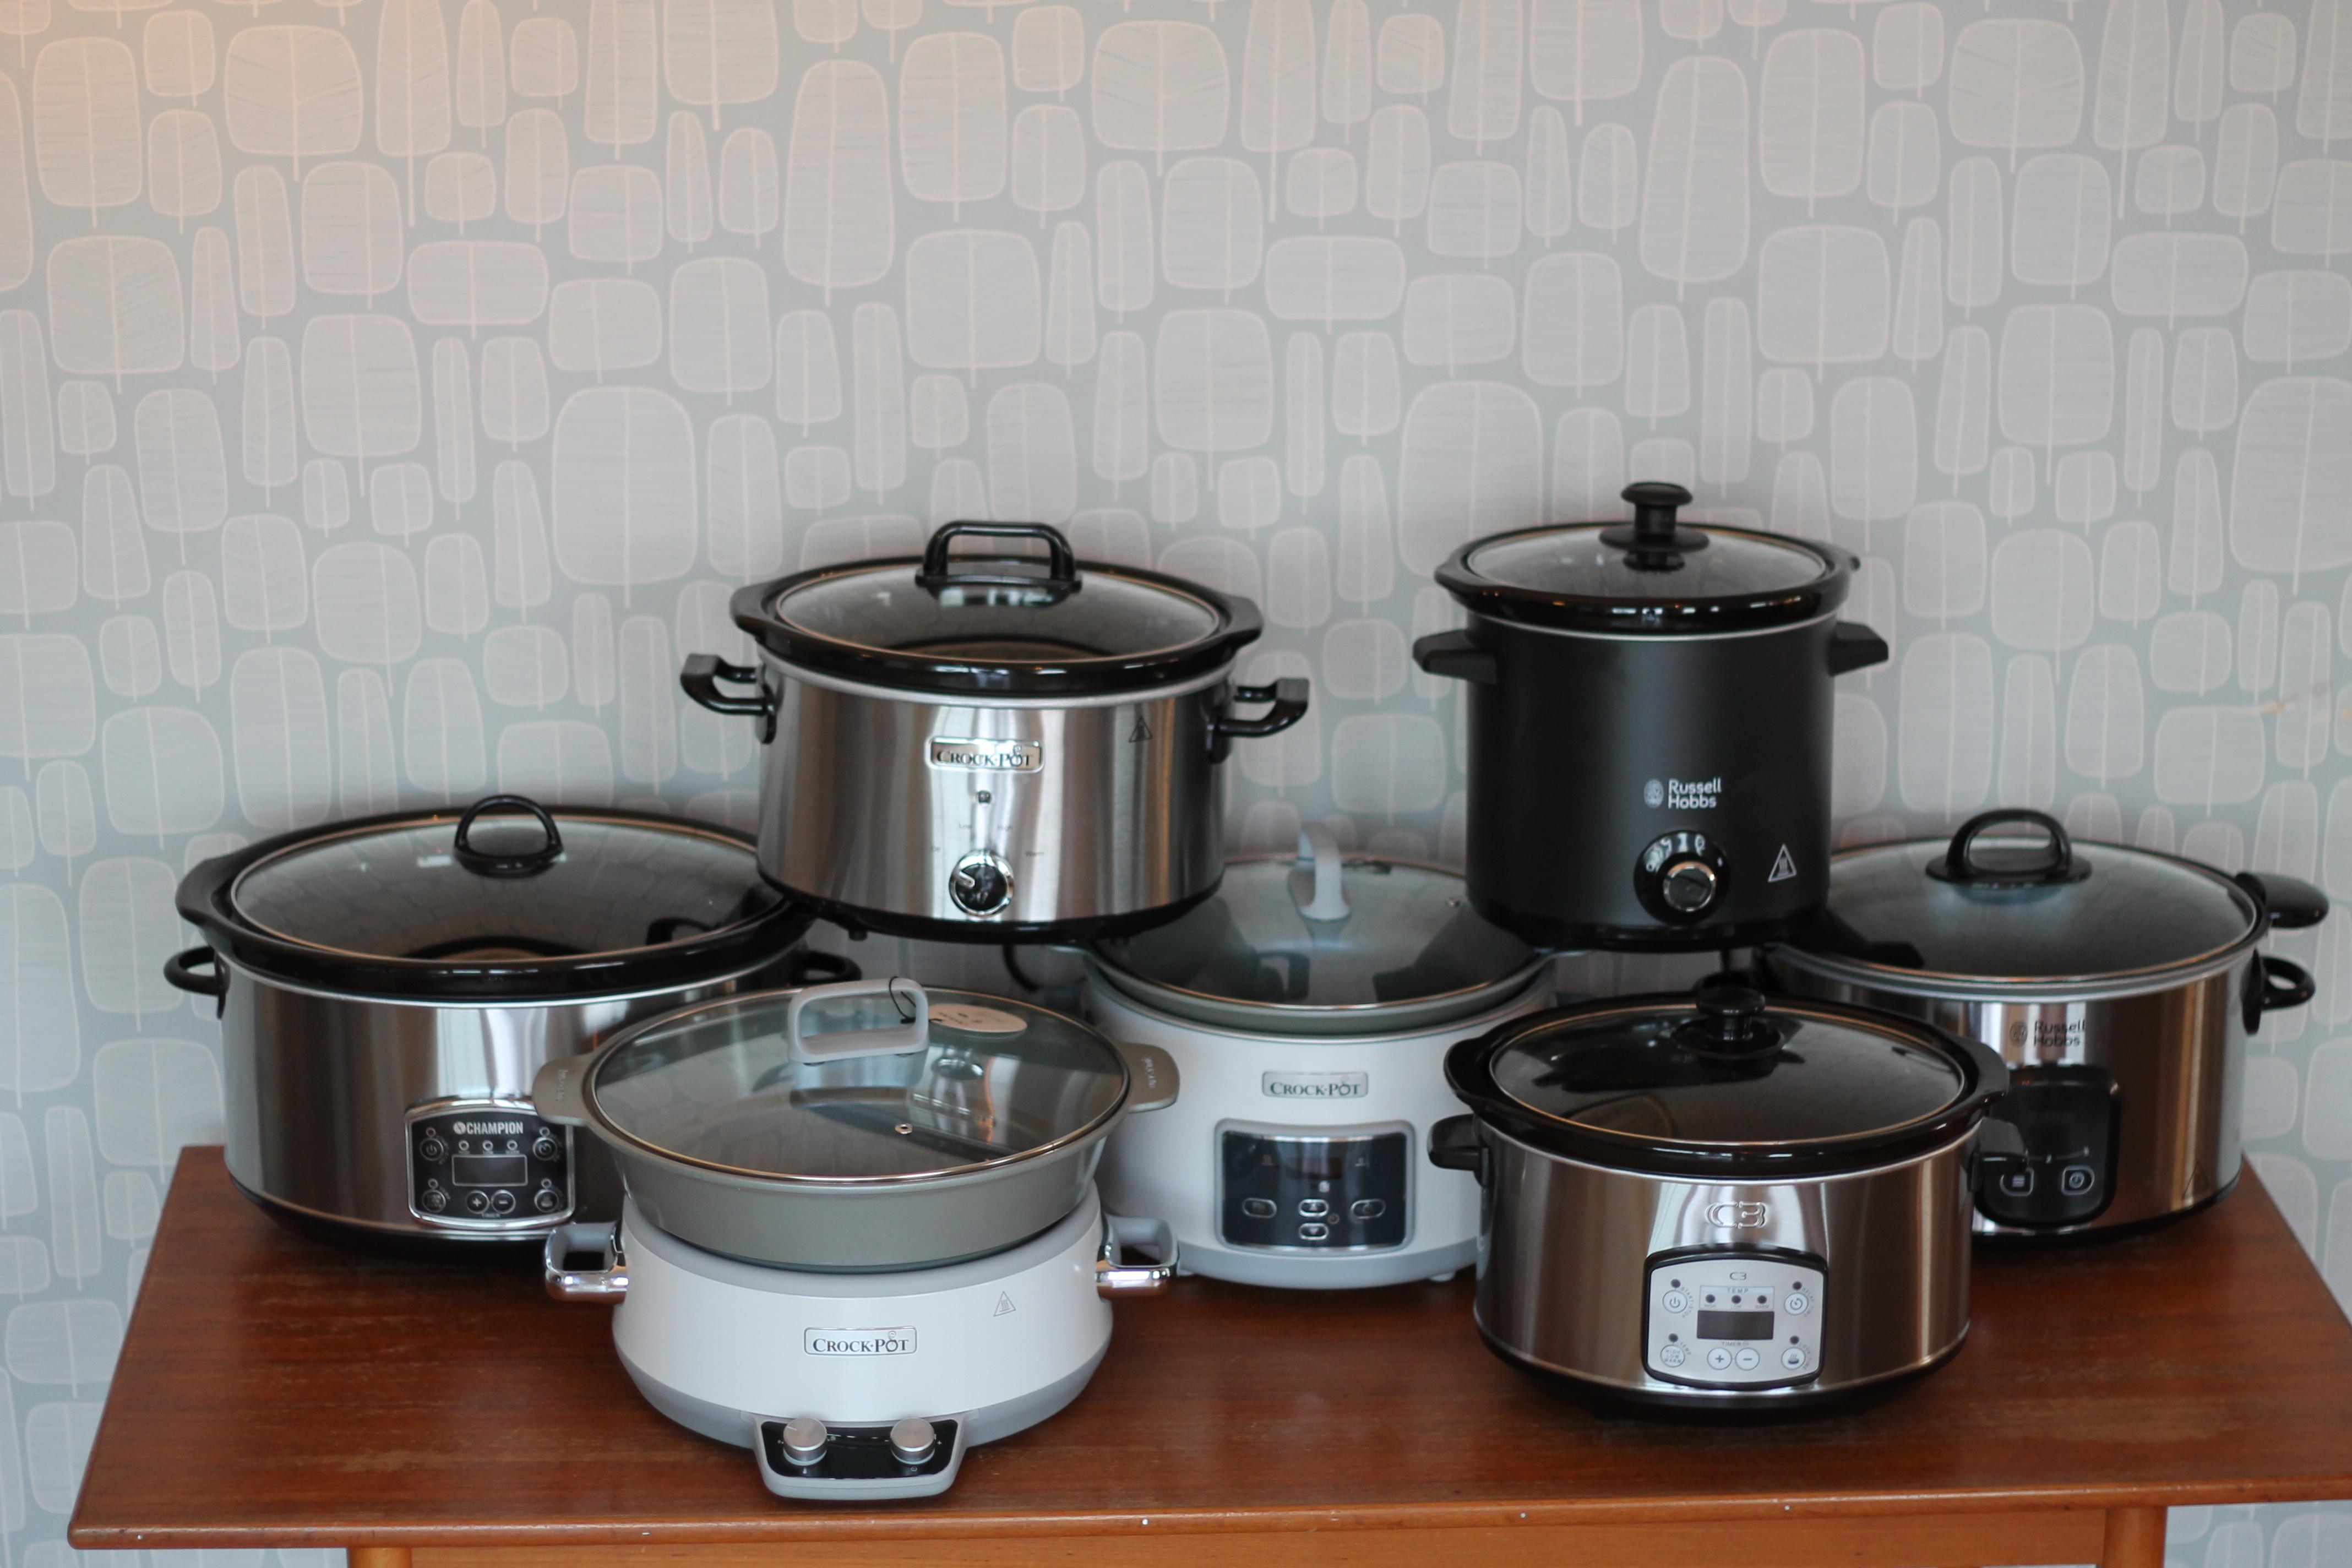 råd och rön slow cooker